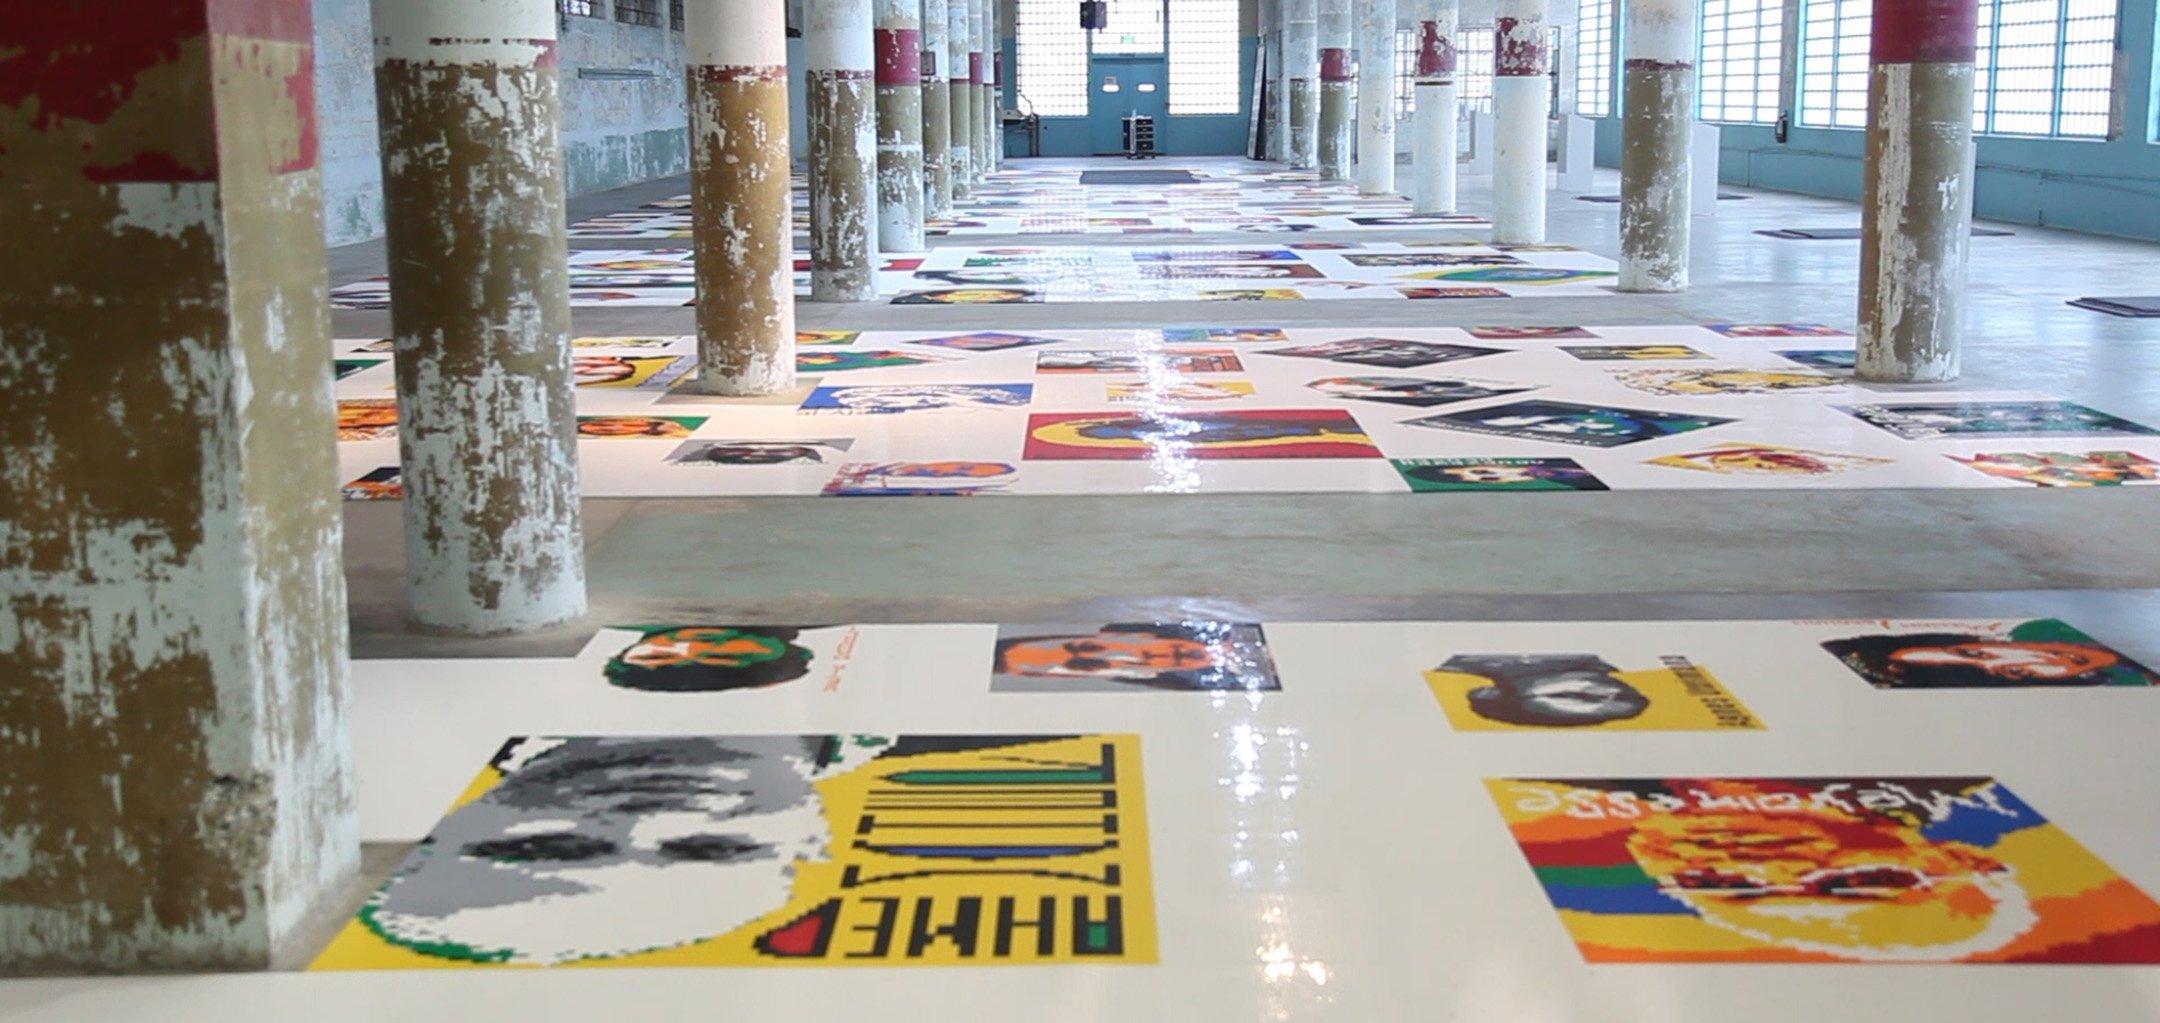 Ai Weiwei Yours Truly still from inside Alcatraz Prison